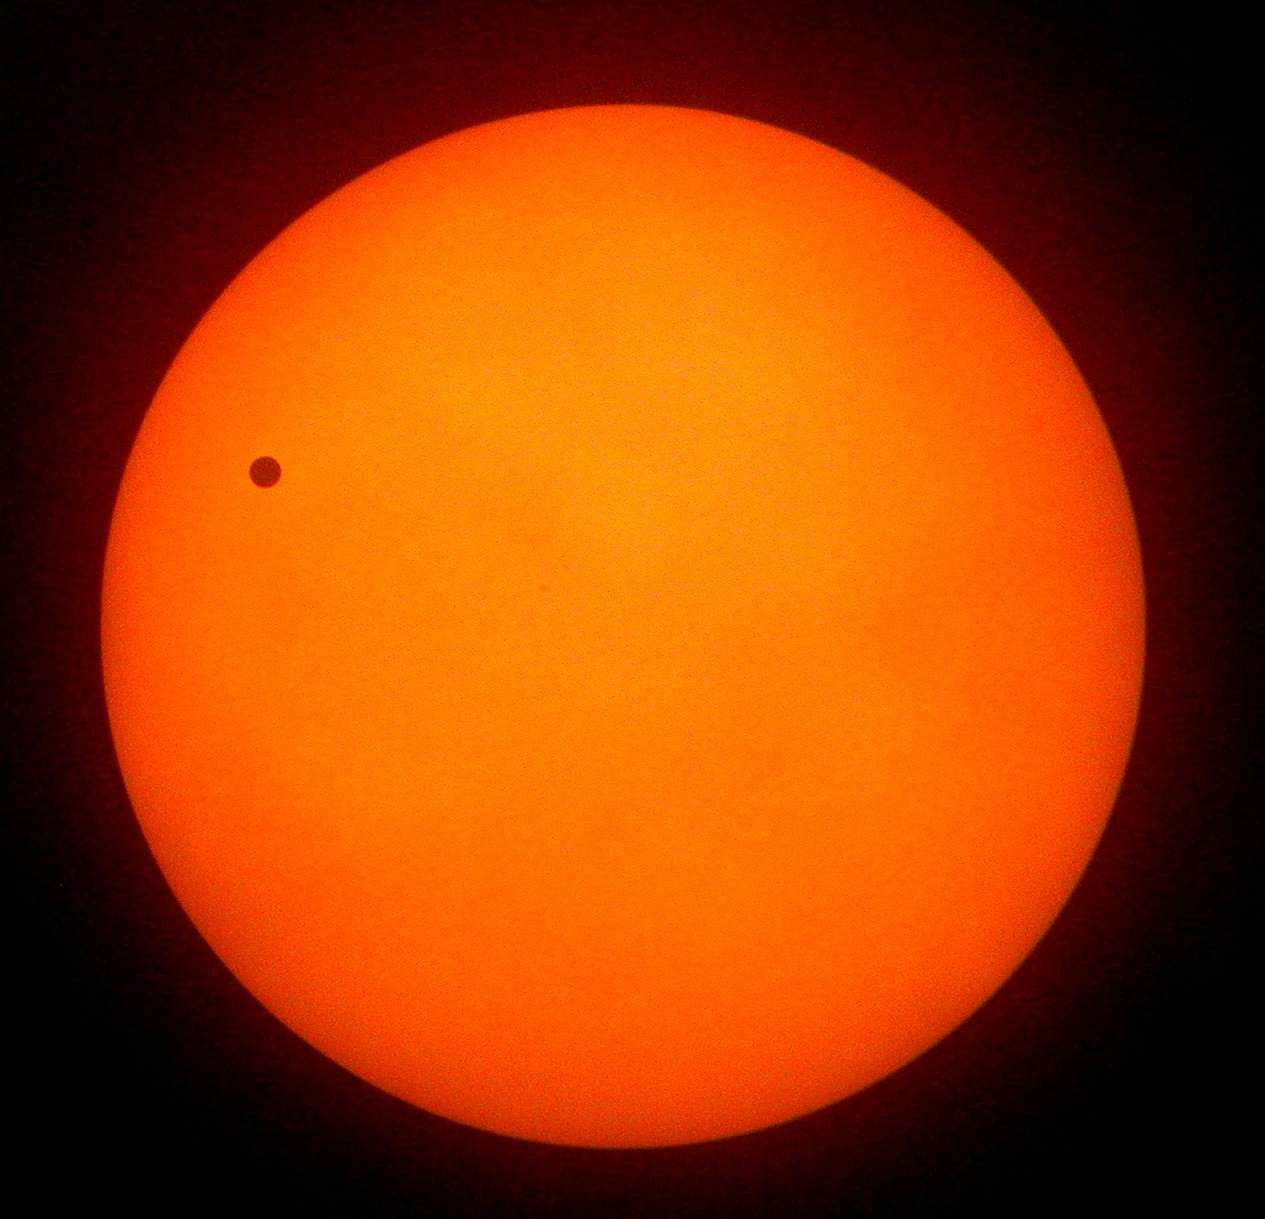 Le 6 juin 2012, le disque noir de Vénus se détachera devant celui du Soleil, comme ce fut le cas le 8 juin 2004. © Club Pégase/Laurent Pino